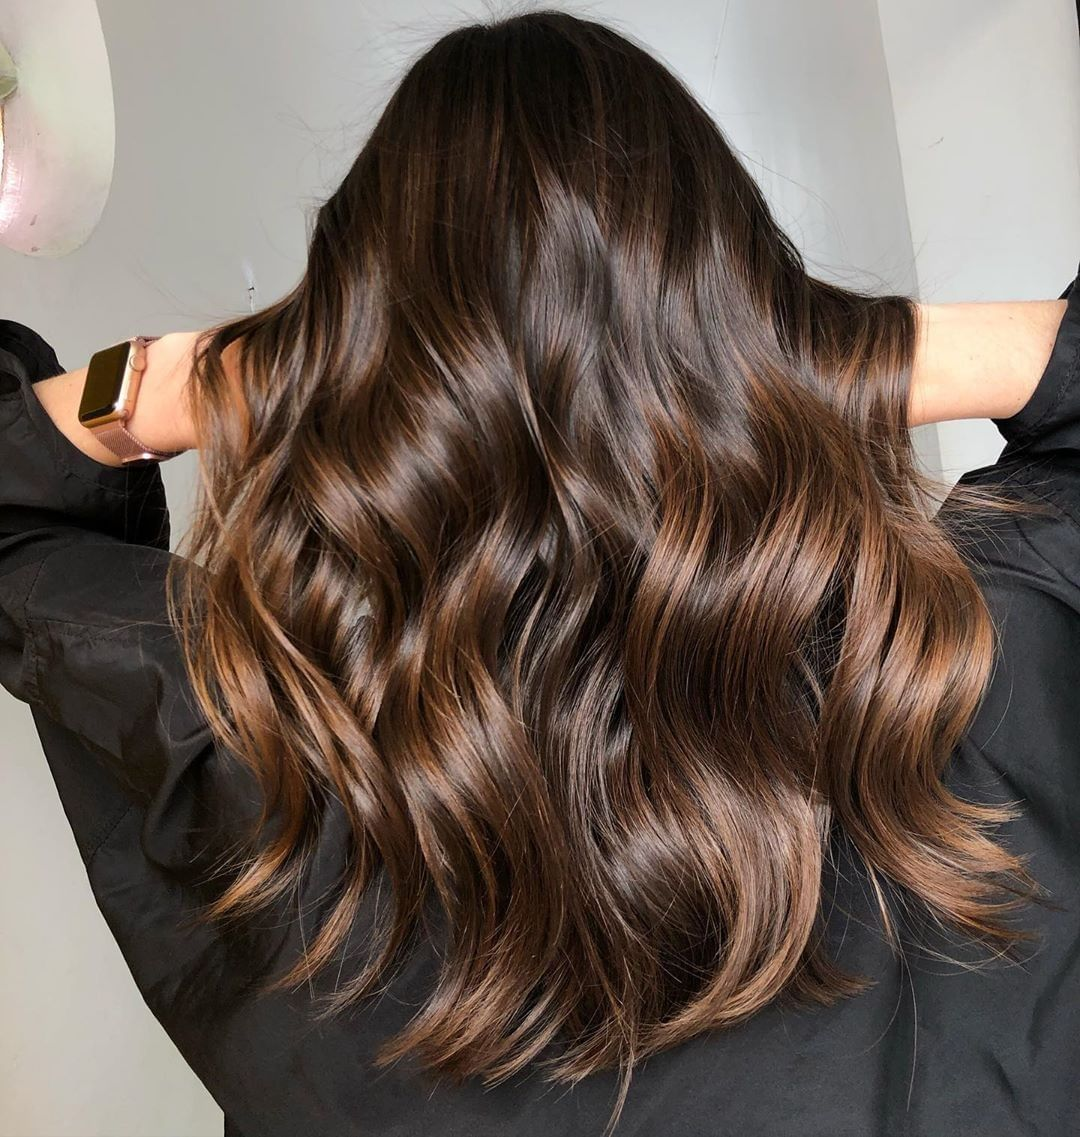 头发稀疏的女生有救了!这款网络爆红的「生发精华」可以让你头发得更浓密!插图3